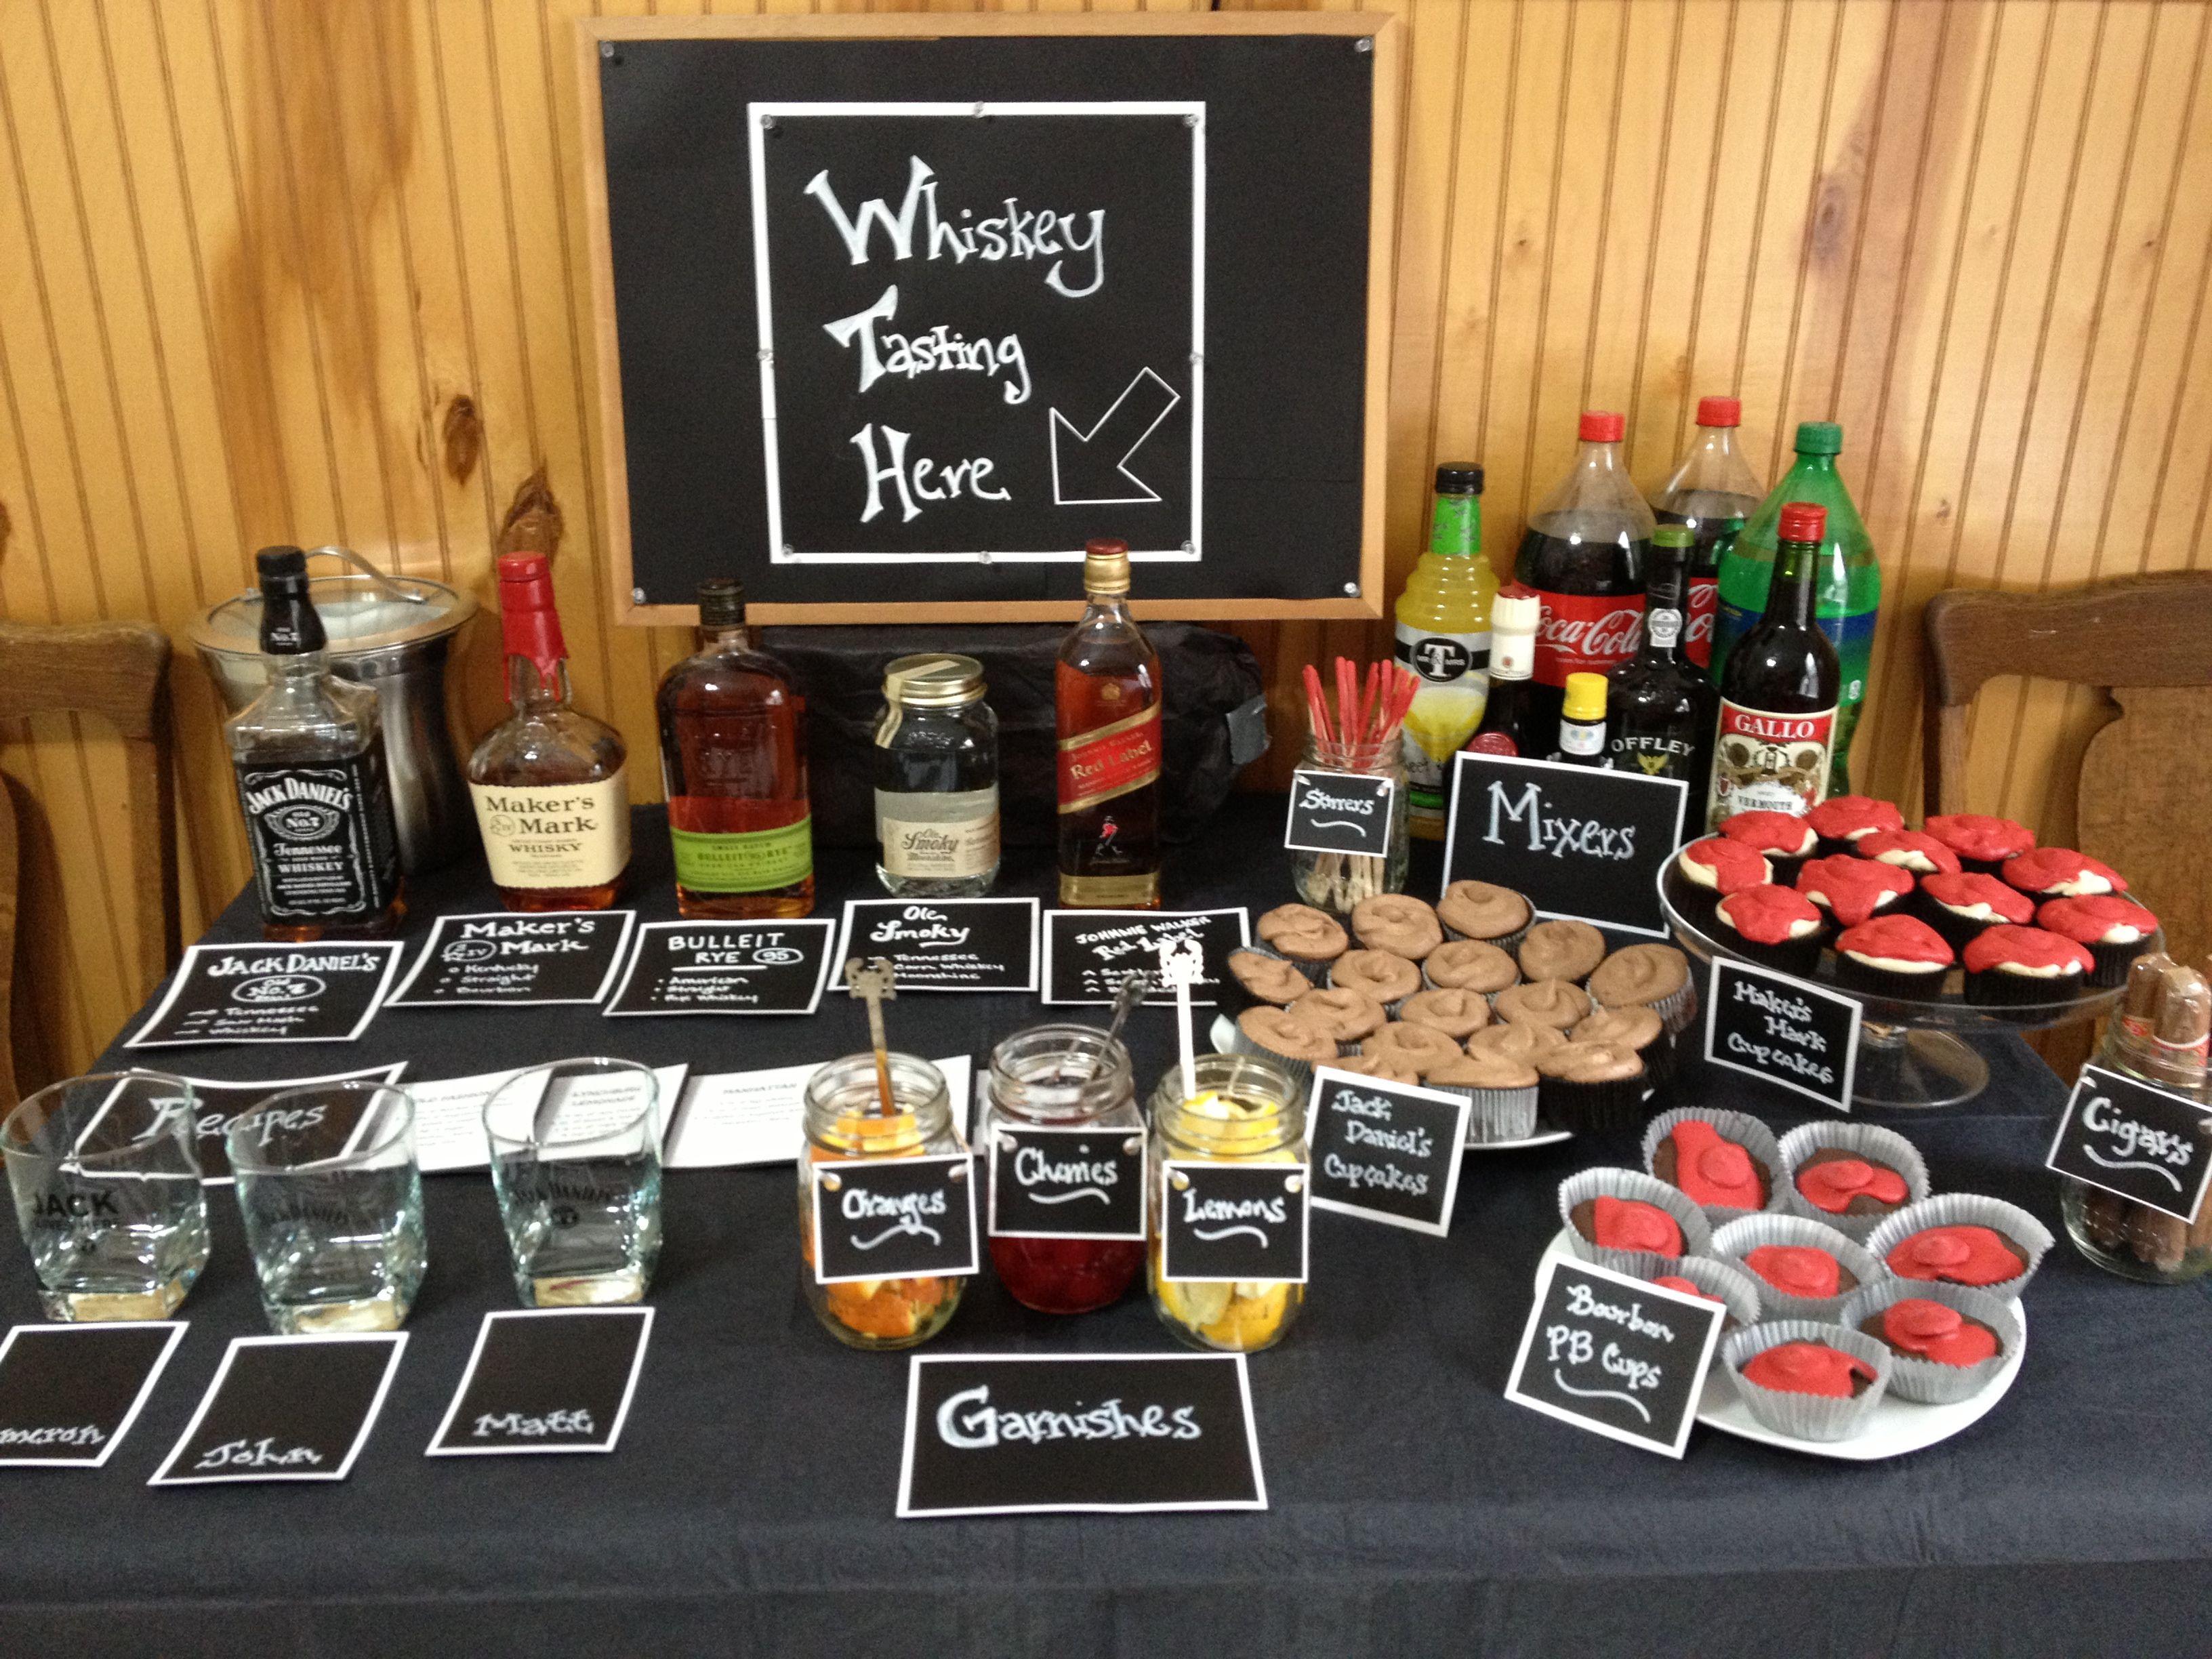 Whiskey Tasting - no cupcakes or mixers. no way.